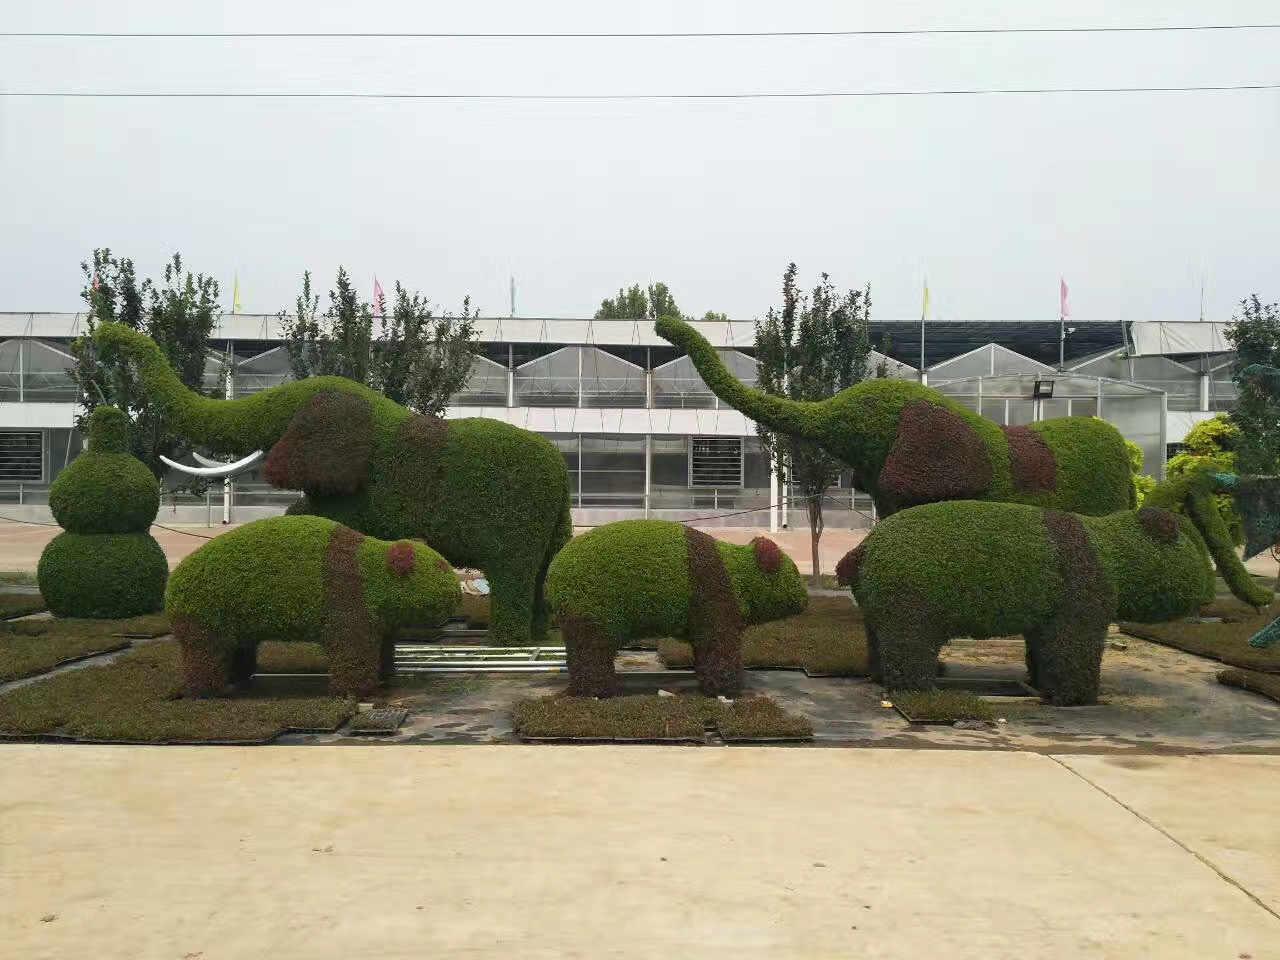 陕西波普盛观空间艺术设计有限公司是一家以立体绿雕怎样做、植物雕塑和立体花坛设计为主要业务的公司。我们致力于提供有优质的承办菊花展服务。陕西波普盛观空间艺术设计有限公司成立于2014-10-27,作为一家社会责任感强的公司,波普盛观将依托强大的实力,在绢花造型领域内树立最具口碑的品牌形象。